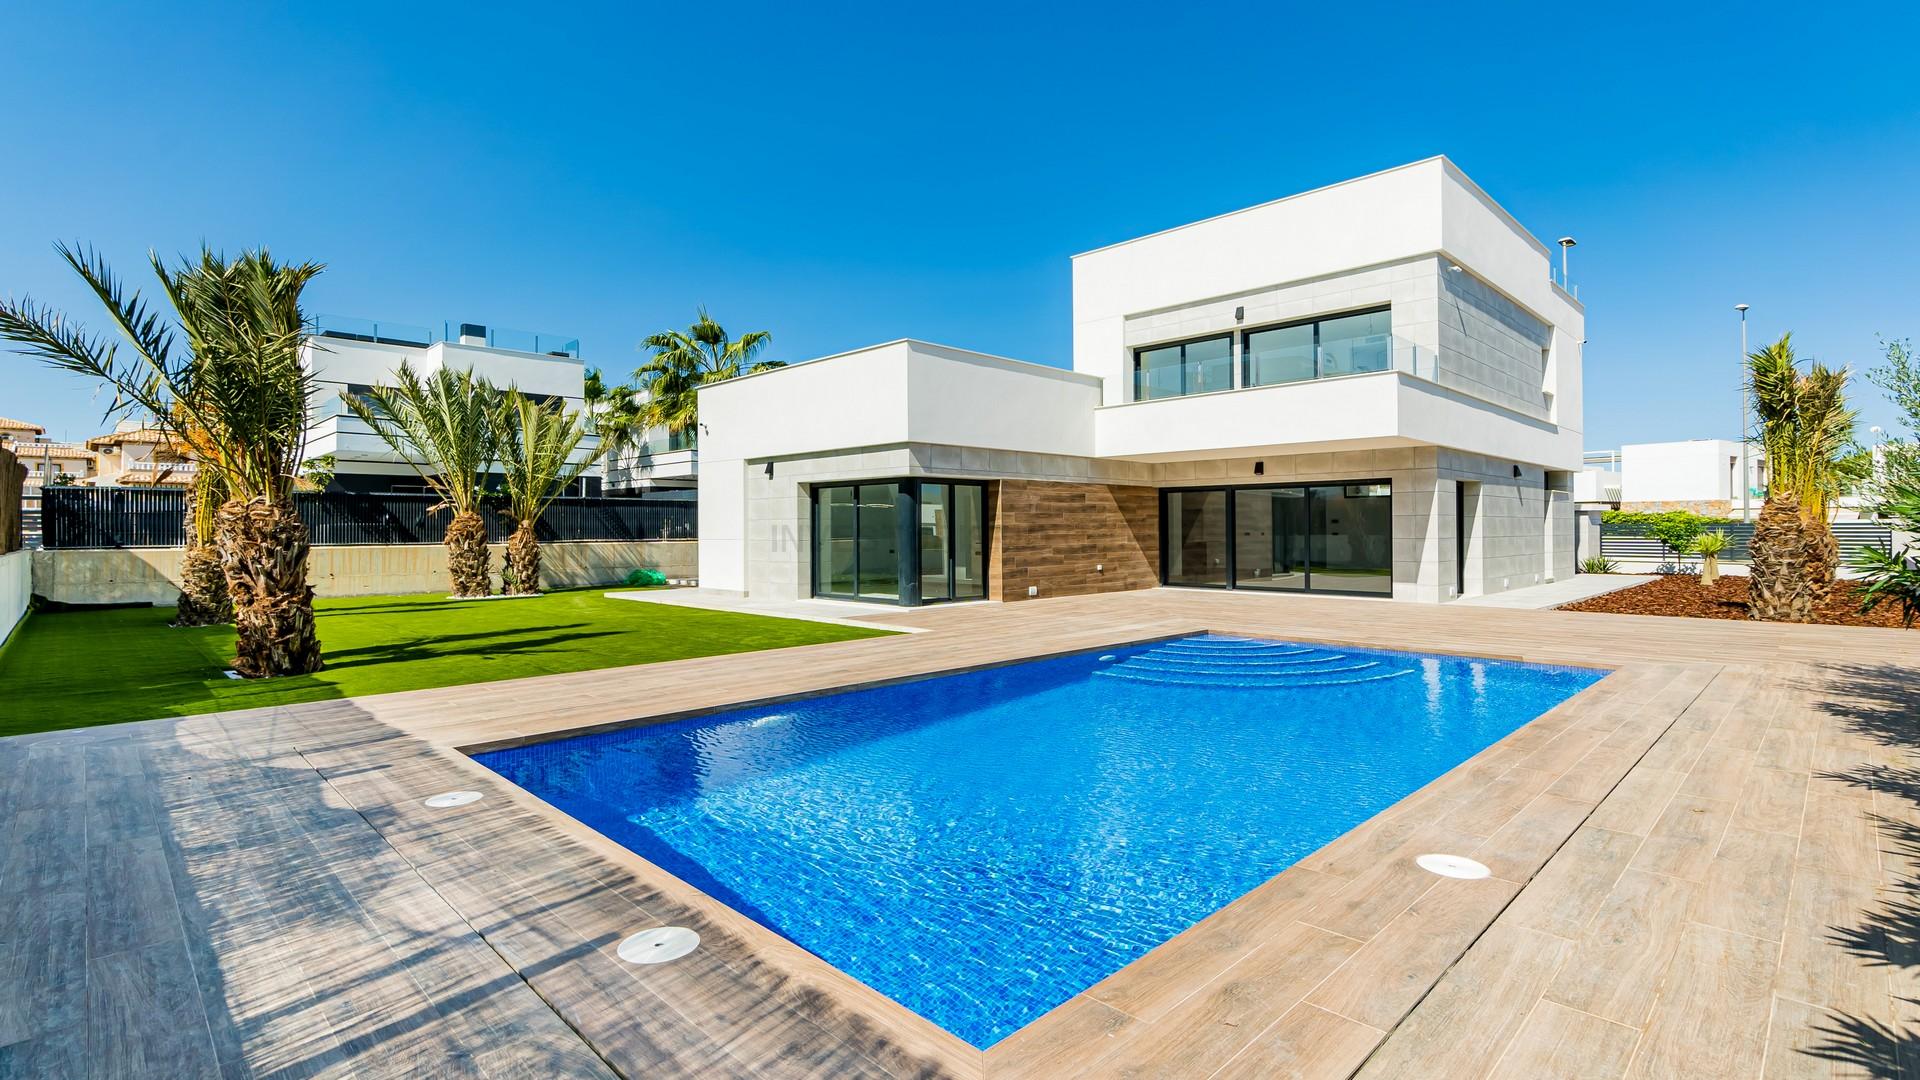 New build villas 5 bedrooms in Orihuela costa